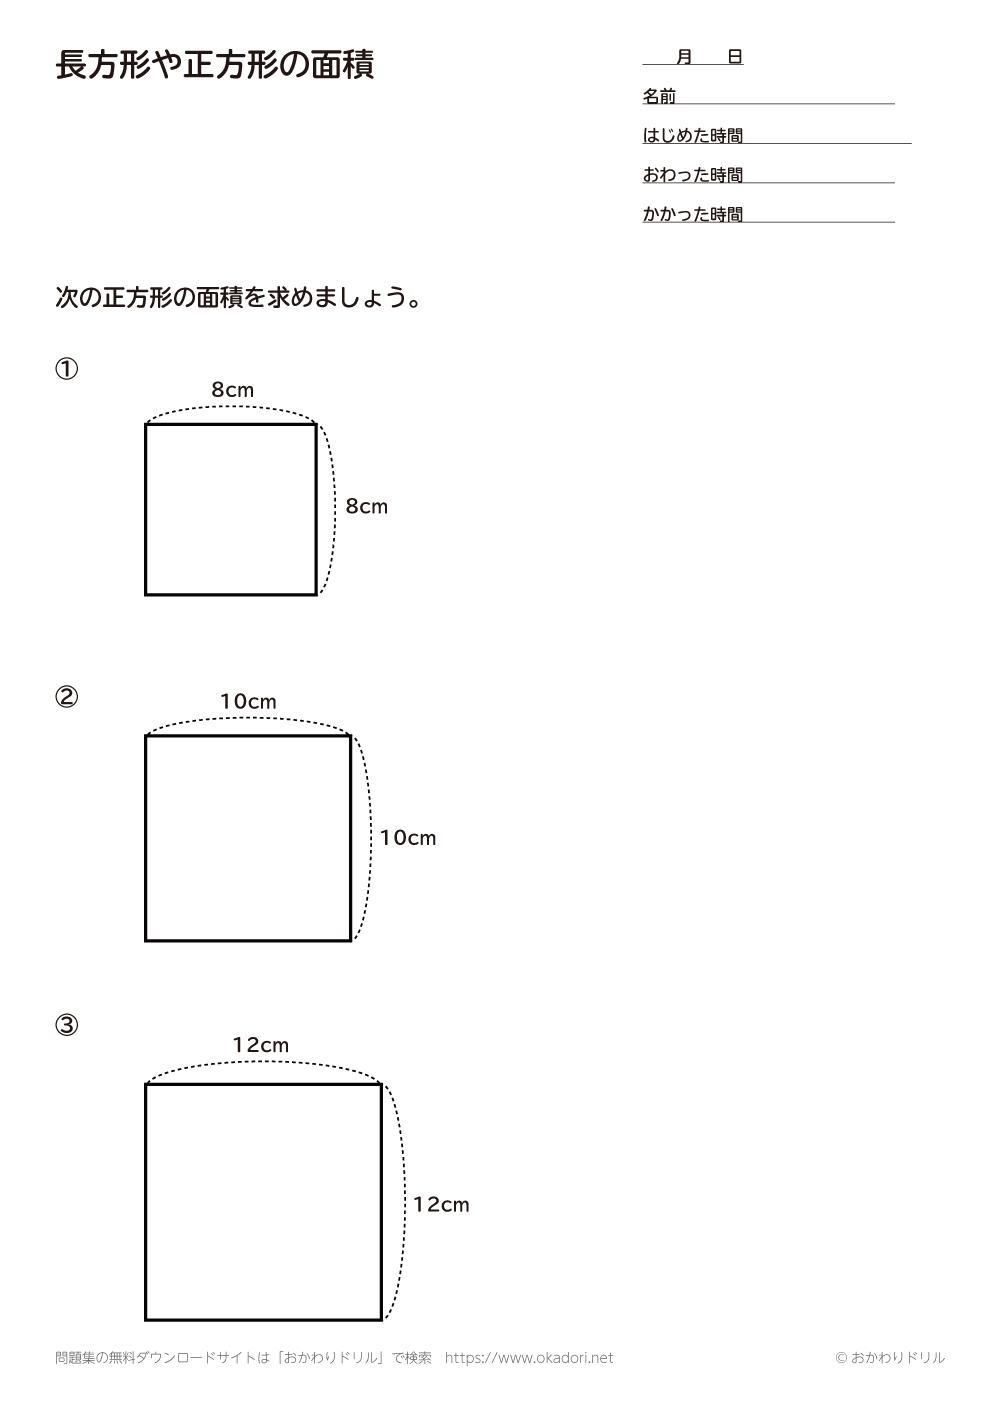 長方形や正方形の面積1